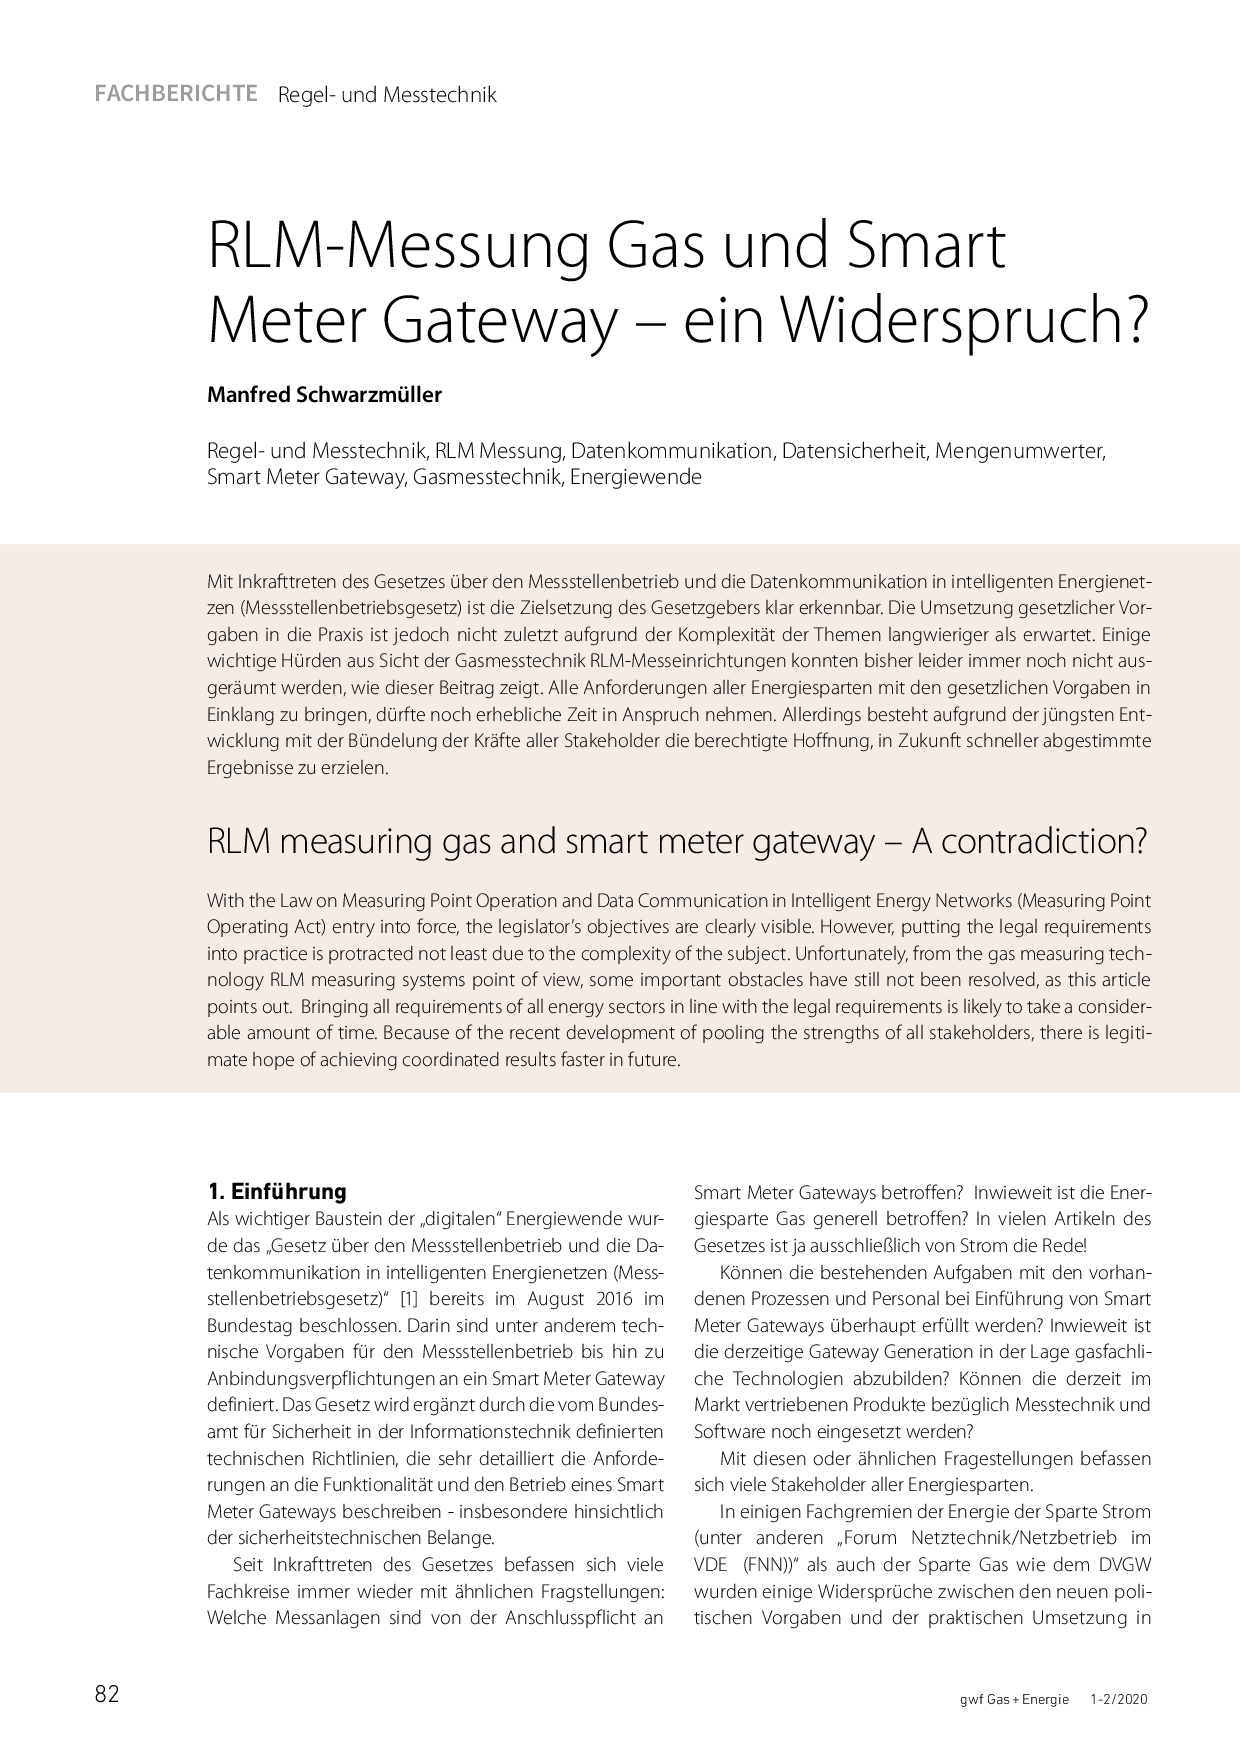 RLM-Messung Gas und Smart Meter Gateway – ein Widerspruch?